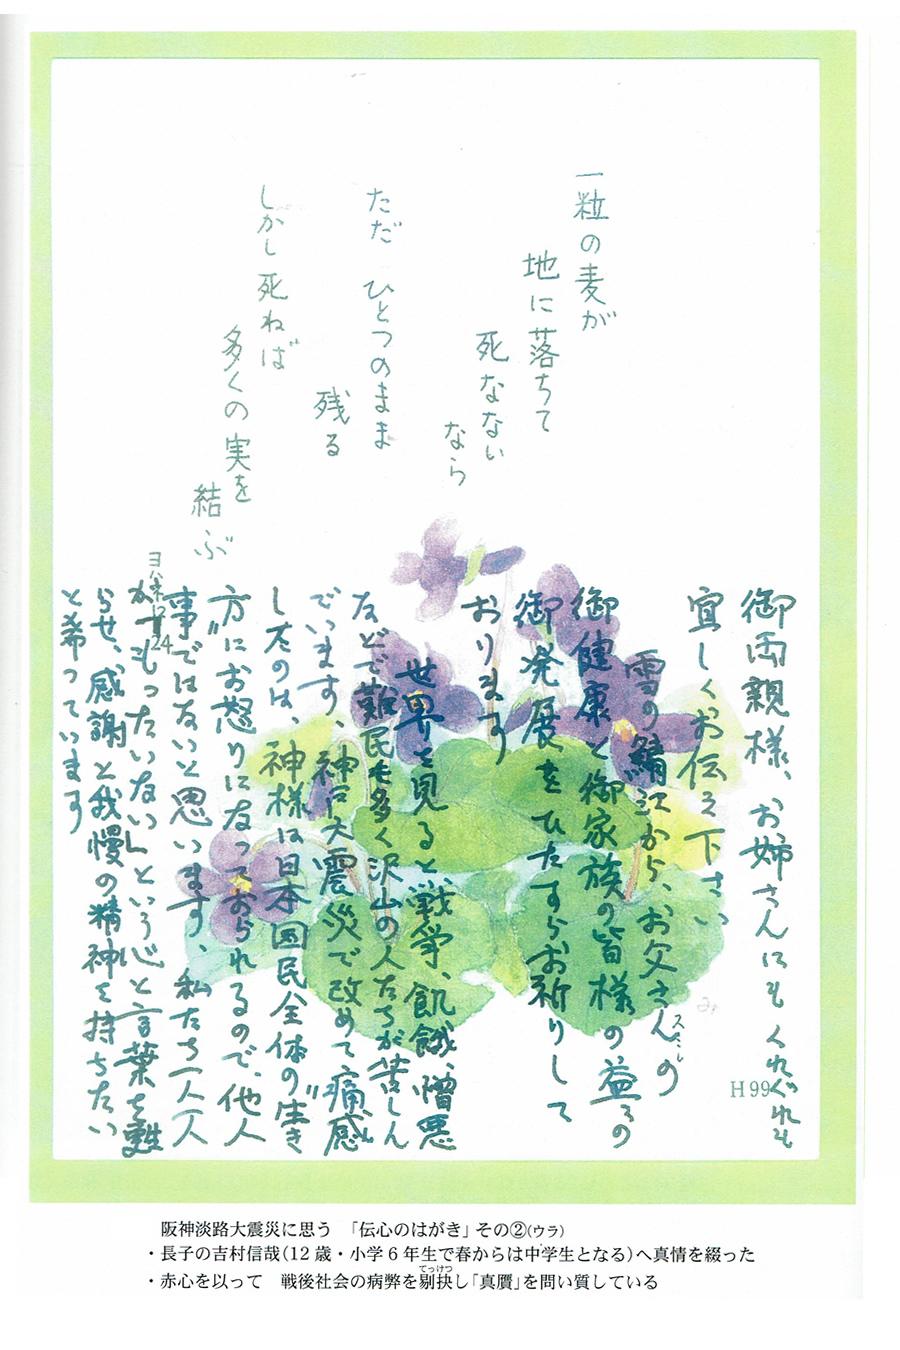 阪神大震災に思う「伝心のはがき」その②(ウラ)